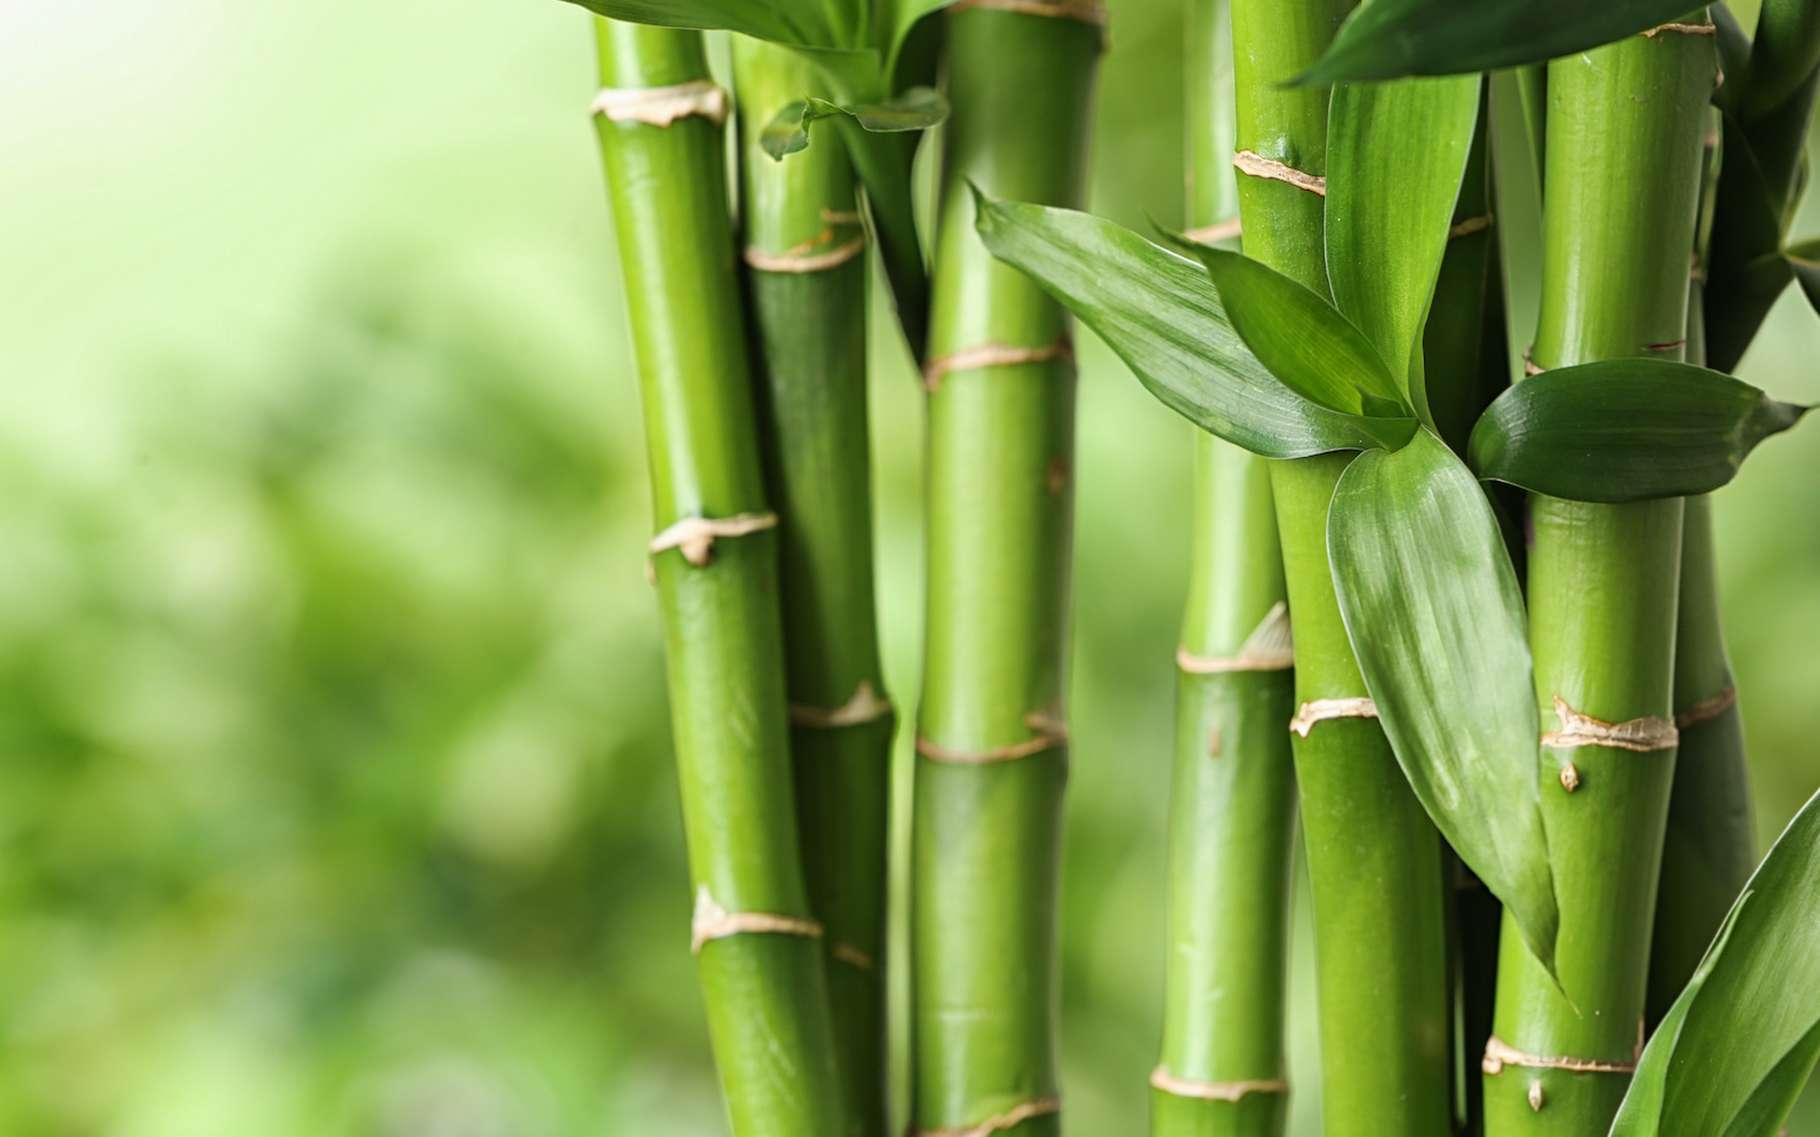 Des chercheurs ont identifié, au cœur du bambou, une structure similaire à celle du bois lamellé croisé industriel. Et ils sont parvenus à la relier à ses propriétés thermiques. De quoi, espèrent-ils, améliorer l'efficacité énergétique des bâtiments en bambou. © New Africa, Adobe Stock